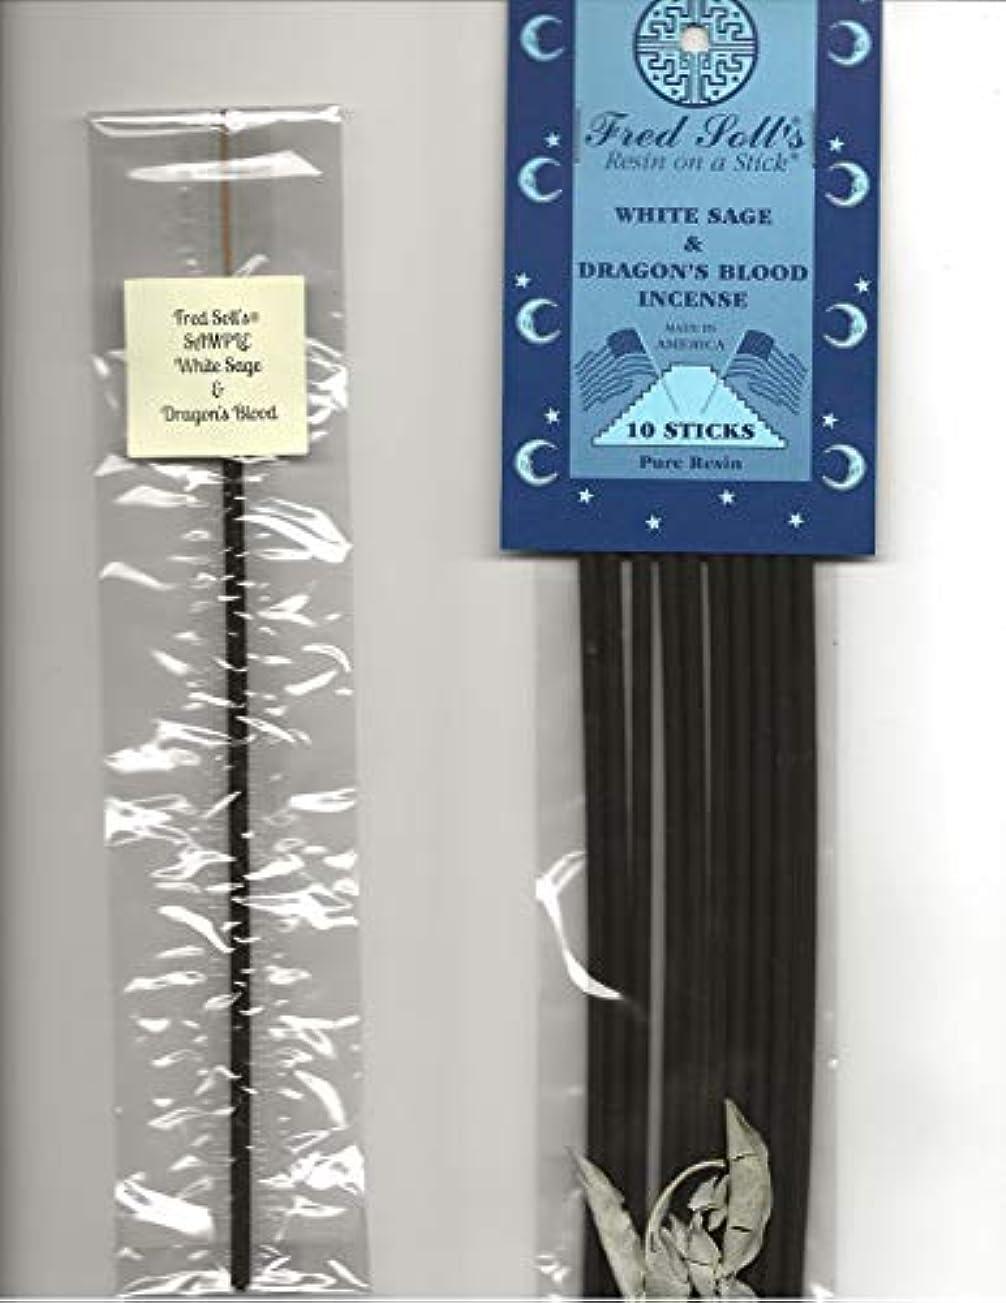 熱狂的な欠かせないハウスFRED SOLL'S 樹脂製インクオンザスティックホワイトセージ&ドラゴンブラッドインセンス 1 STICK